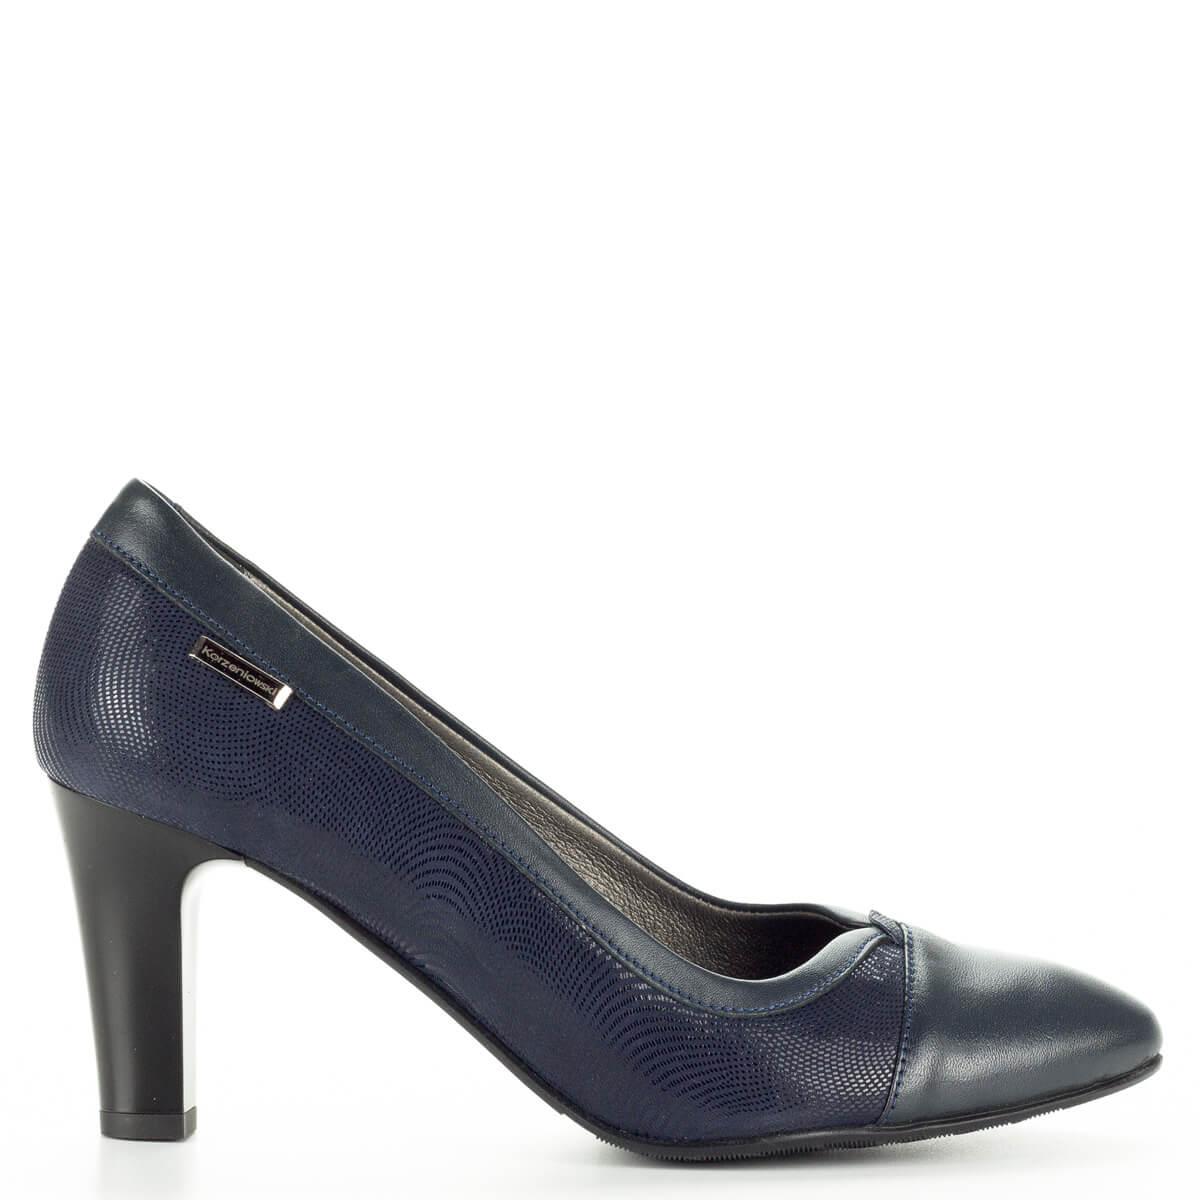 ae51768936 Korzeniowski kék női bőr cipő kétféle bőr kombinálásával készült.  Talpbélése puha bőr egész napra kényelmes ...